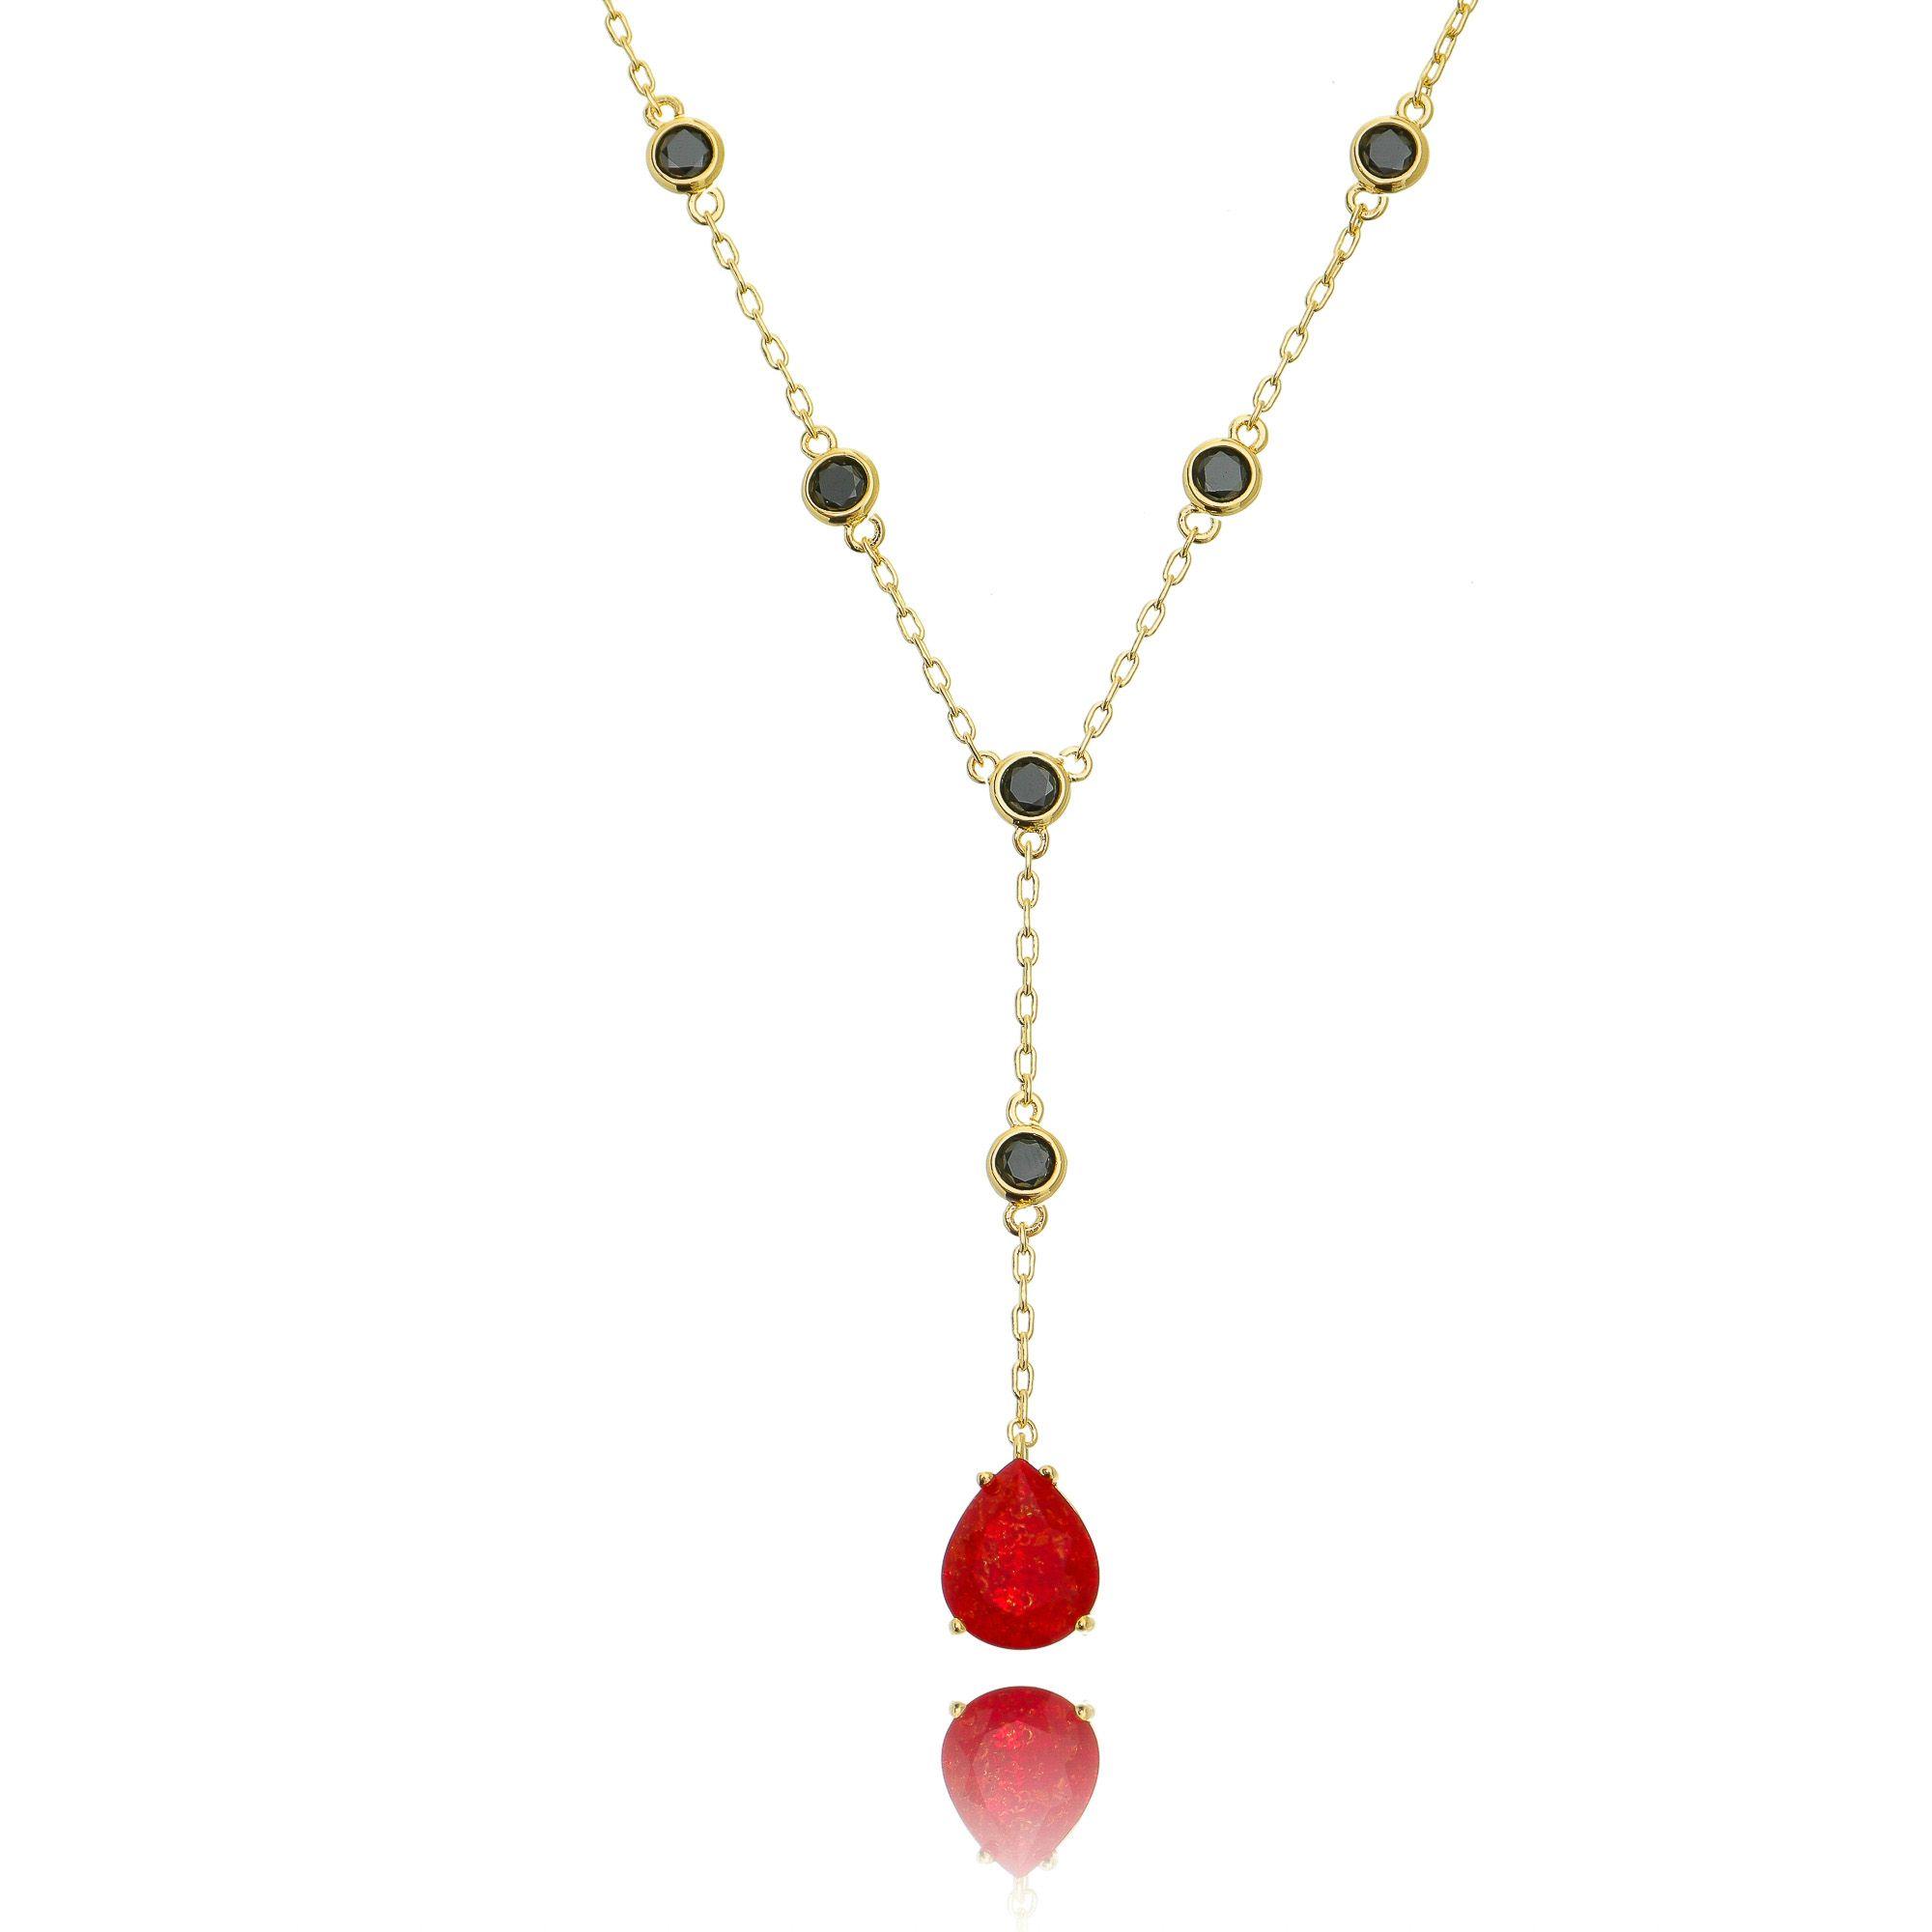 Colar Gravatinha Gota Vermelha Pedra Fusion e Zircônia Negra Semijoia Ouro  - Soloyou